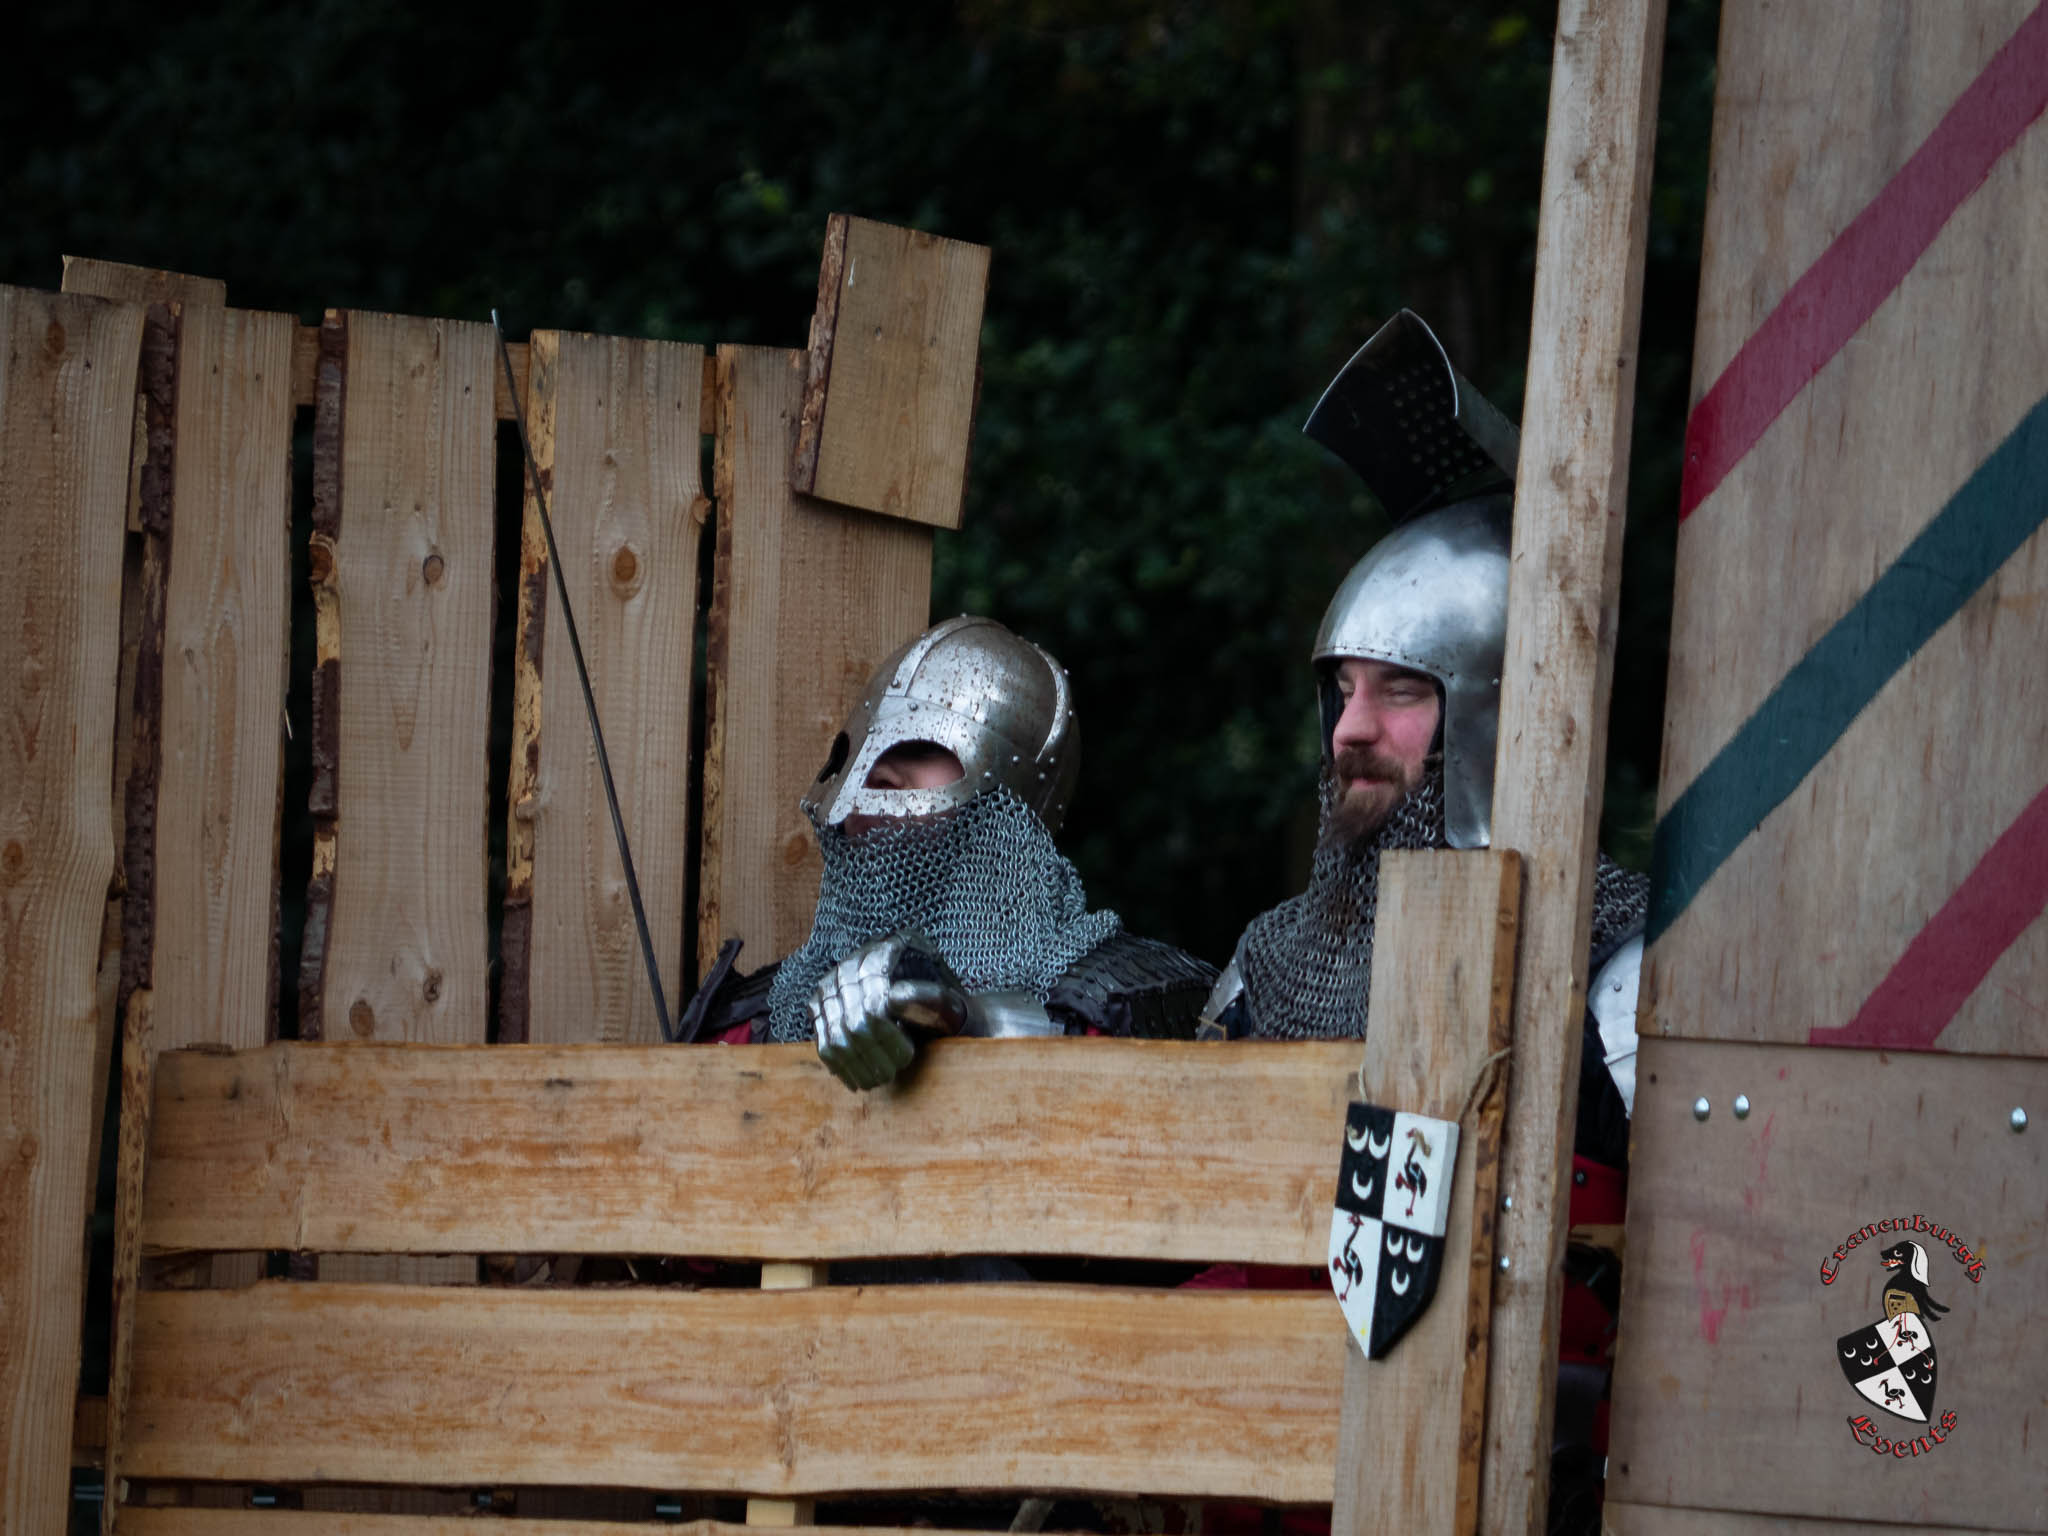 Middeleeuws-Festijn-Cannenburgh-2019-Ellen-la-Faille-46